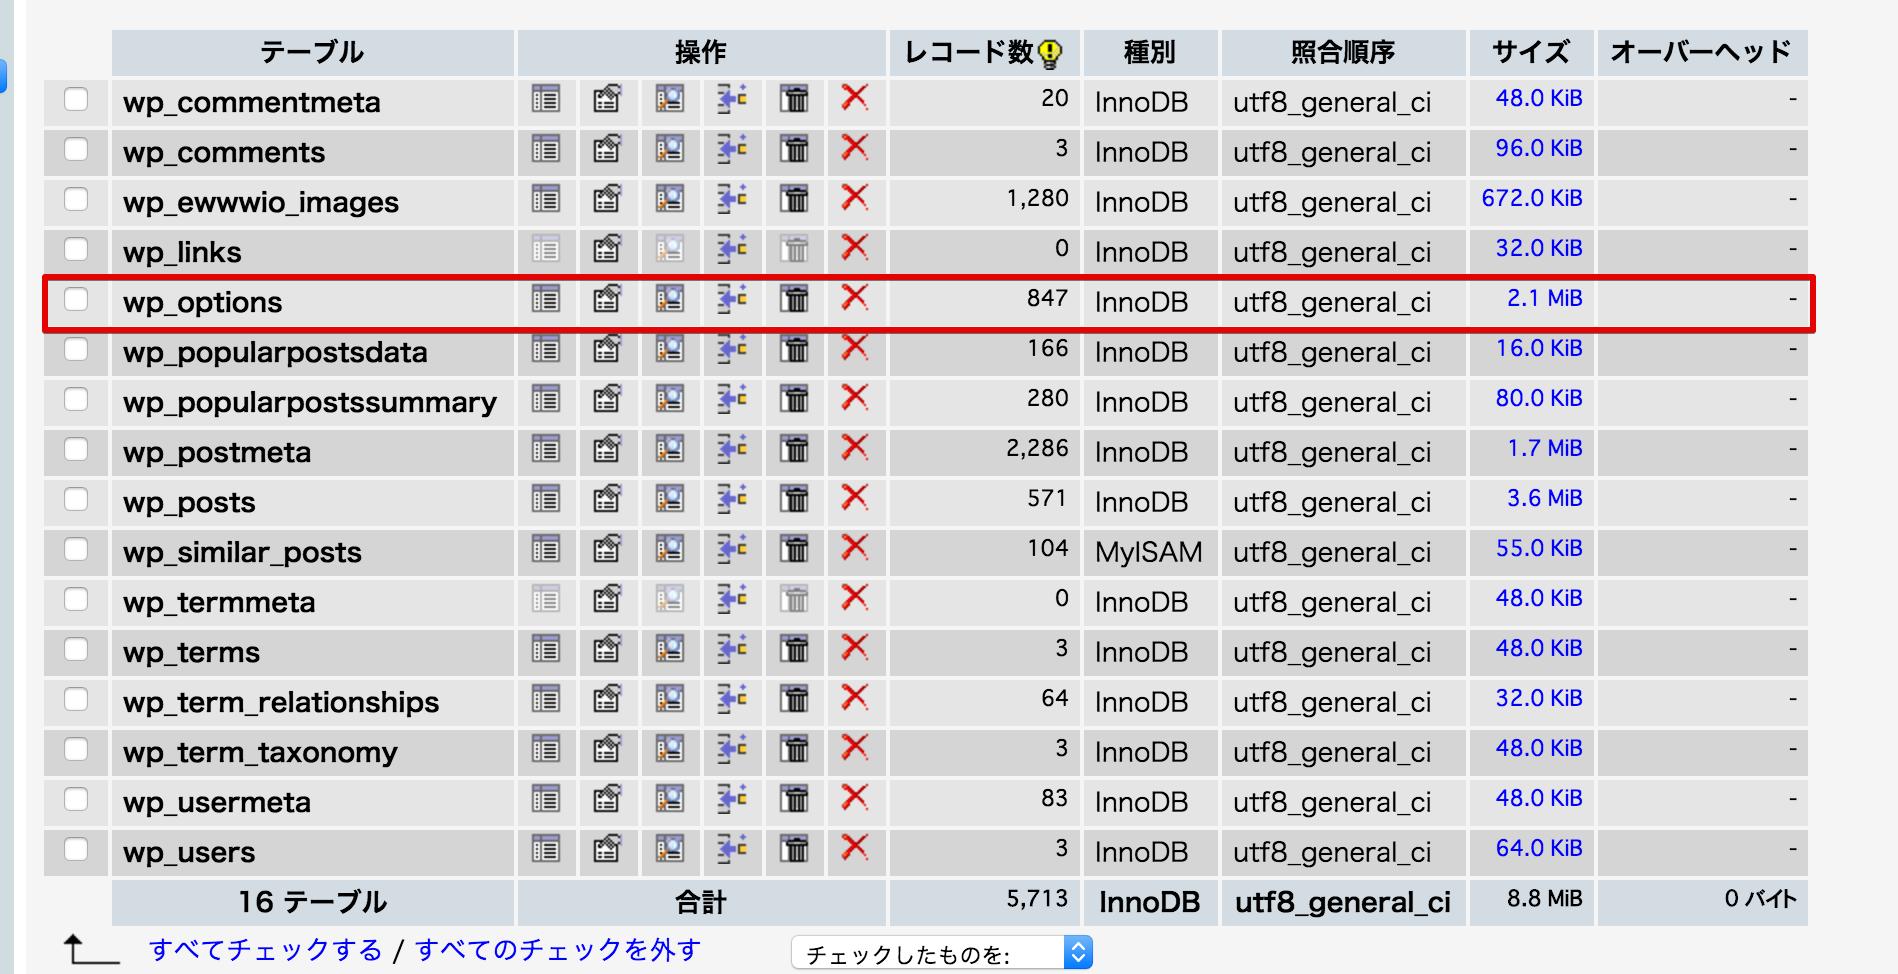 プレス できない ワード ログイン ワードプレスへログインのやり方とログインURLの変更方法